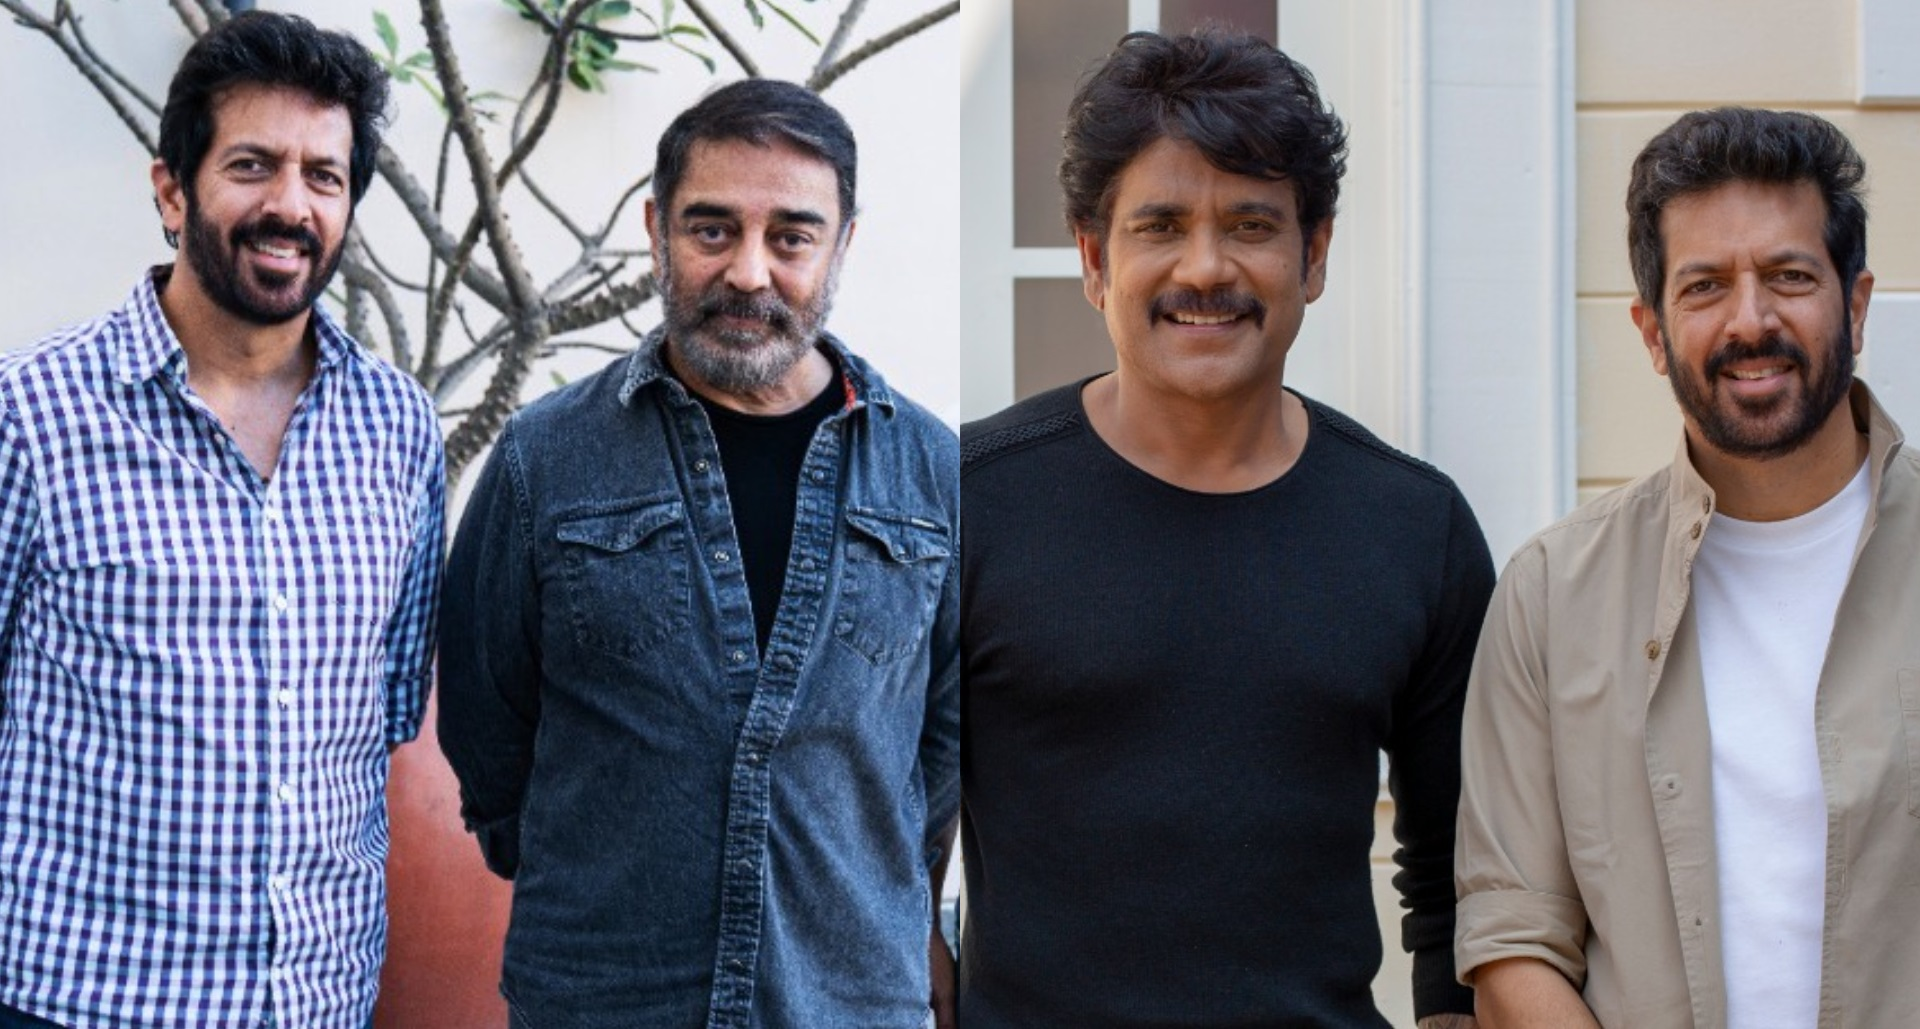 कमल हासन और नागार्जुन द्वारा पेश किया जाएगा रणवीर सिंह की फ़िल्म '83' का तमिल और तेलुगू वर्जन